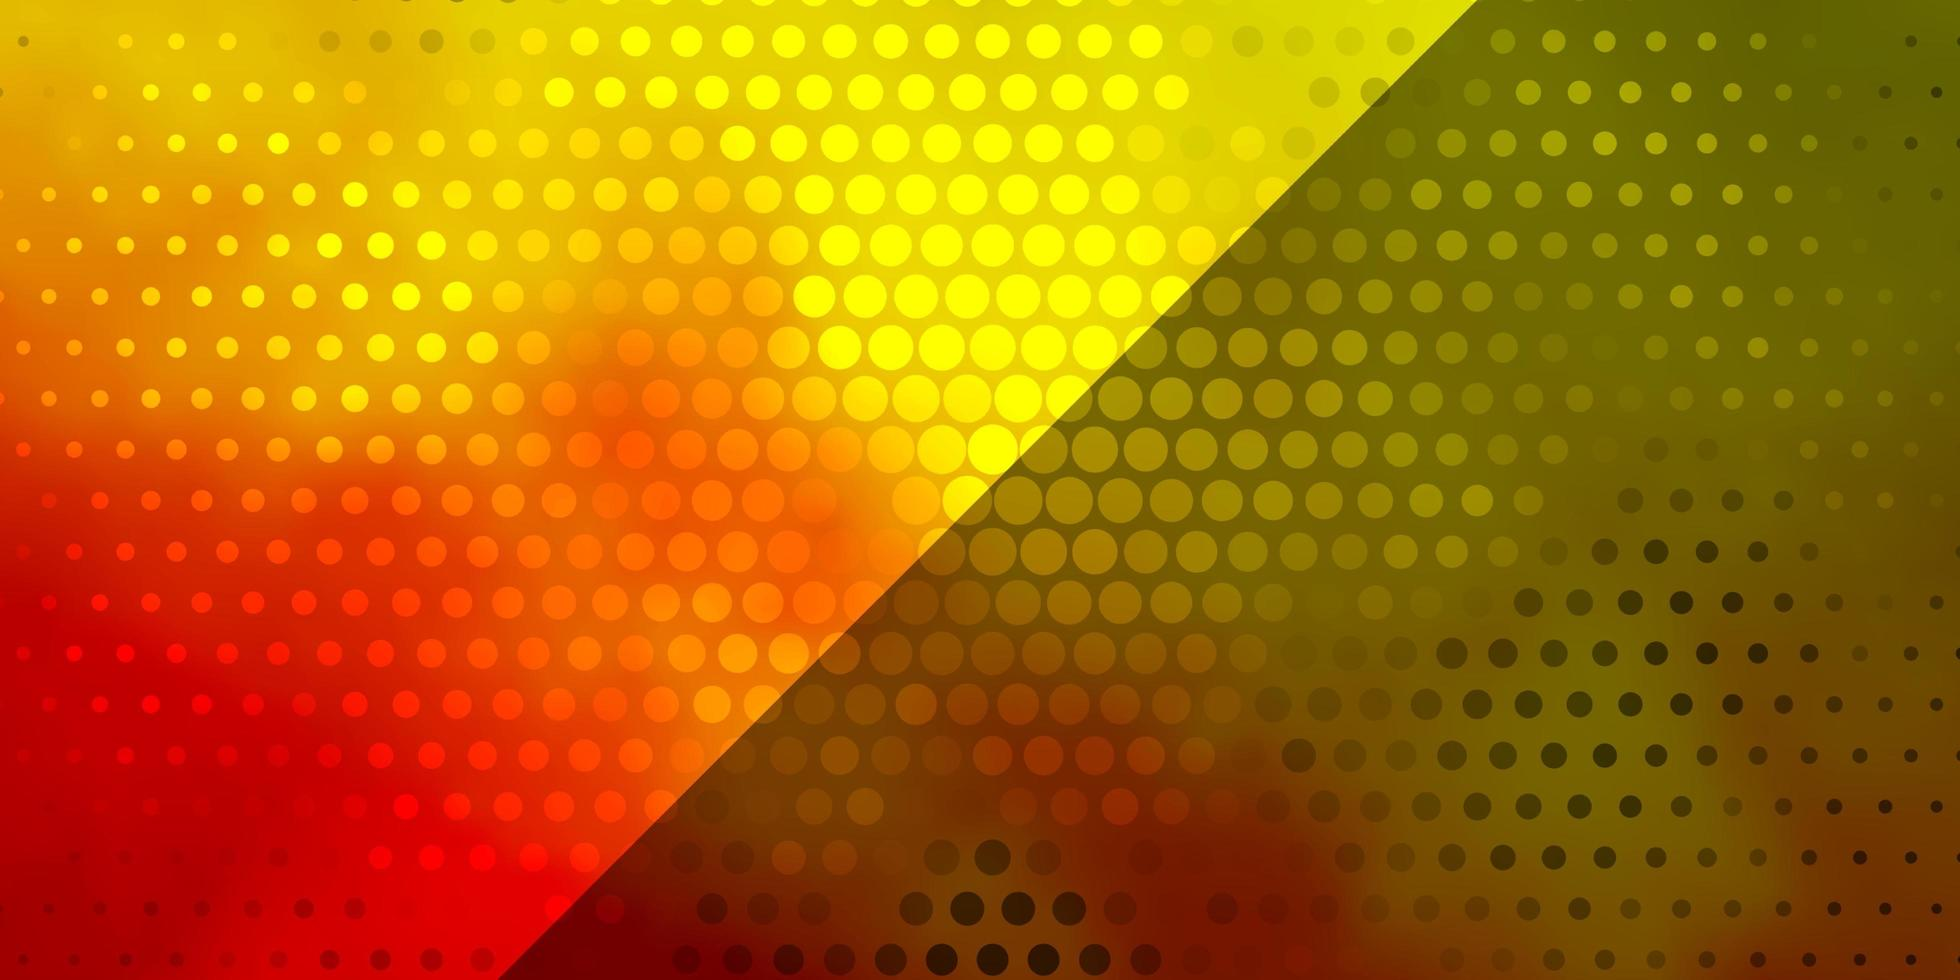 textura de vetor verde e vermelho claro com círculos.